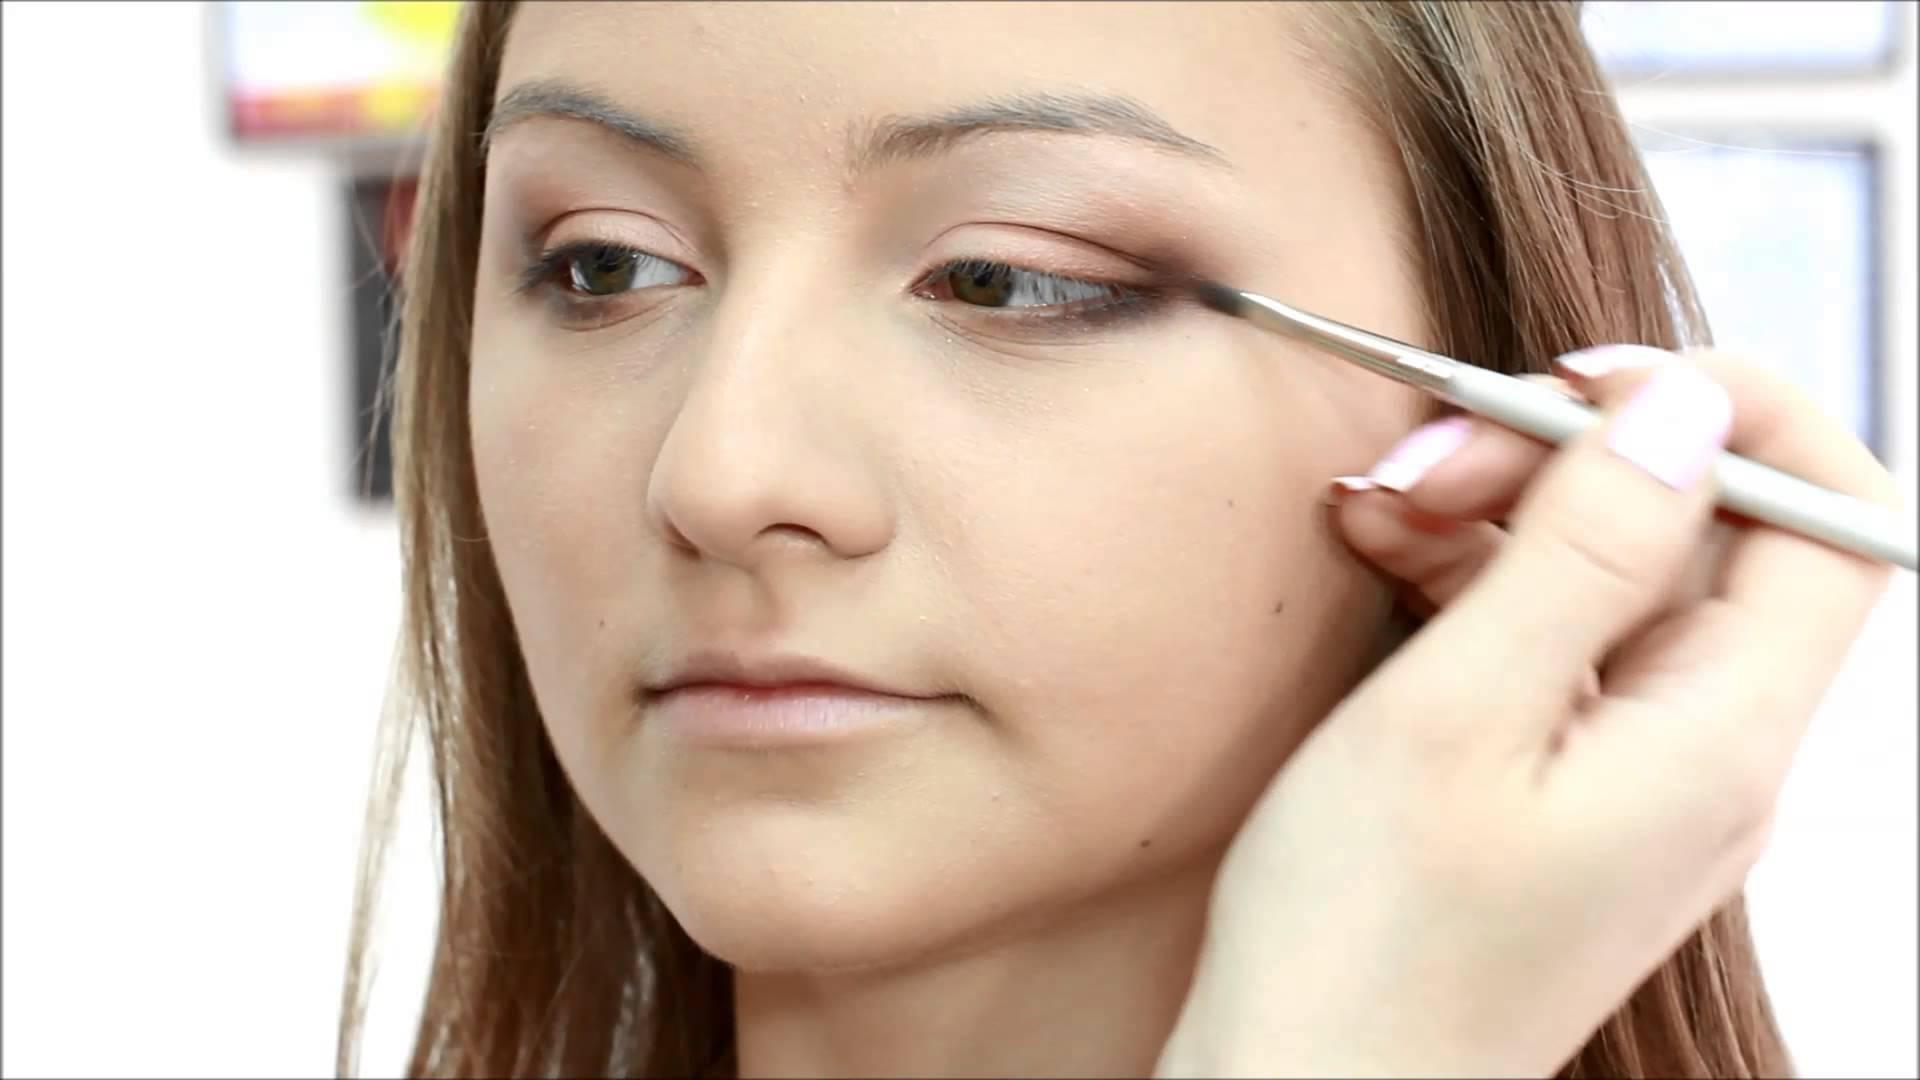 Çıkıntılı göz kapağı - düzeltme ve makyaj